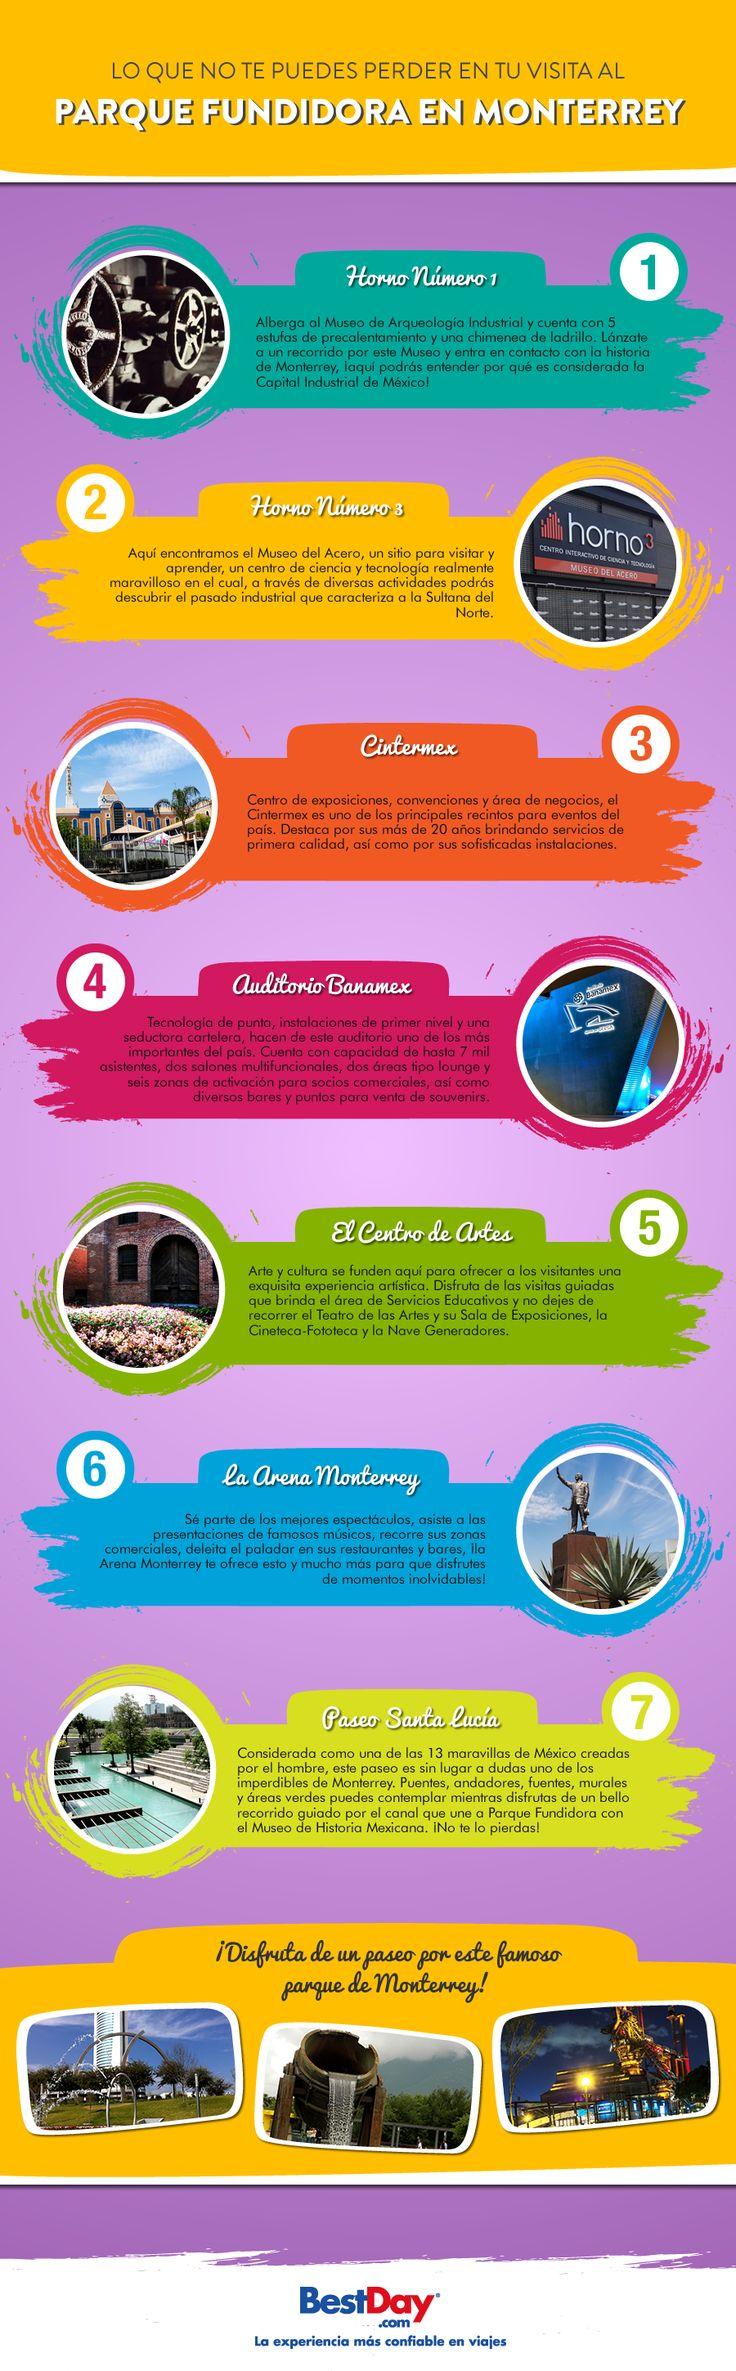 #Monterrey además de ser una de las ciudades top de la República, cuenta con atracciones únicas como el Parque Fundidora, localizado en la antigua colonia obrera al oriente de Monterrey. Conoce todo lo que no te puedes perder de este parque en esta infografía.